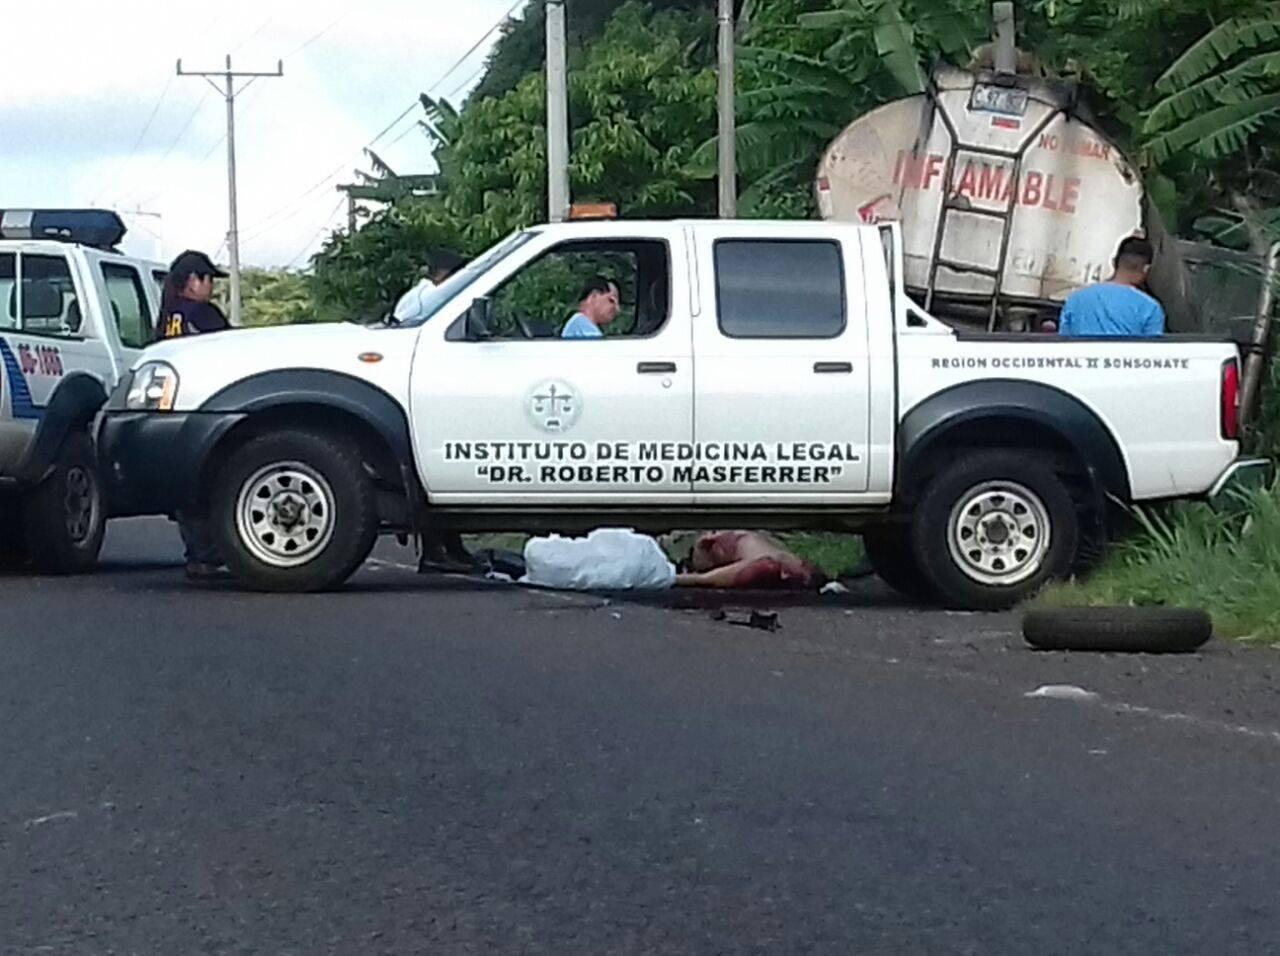 Un hombre fue atropellado mientras cambiaba llanta de su vehículo